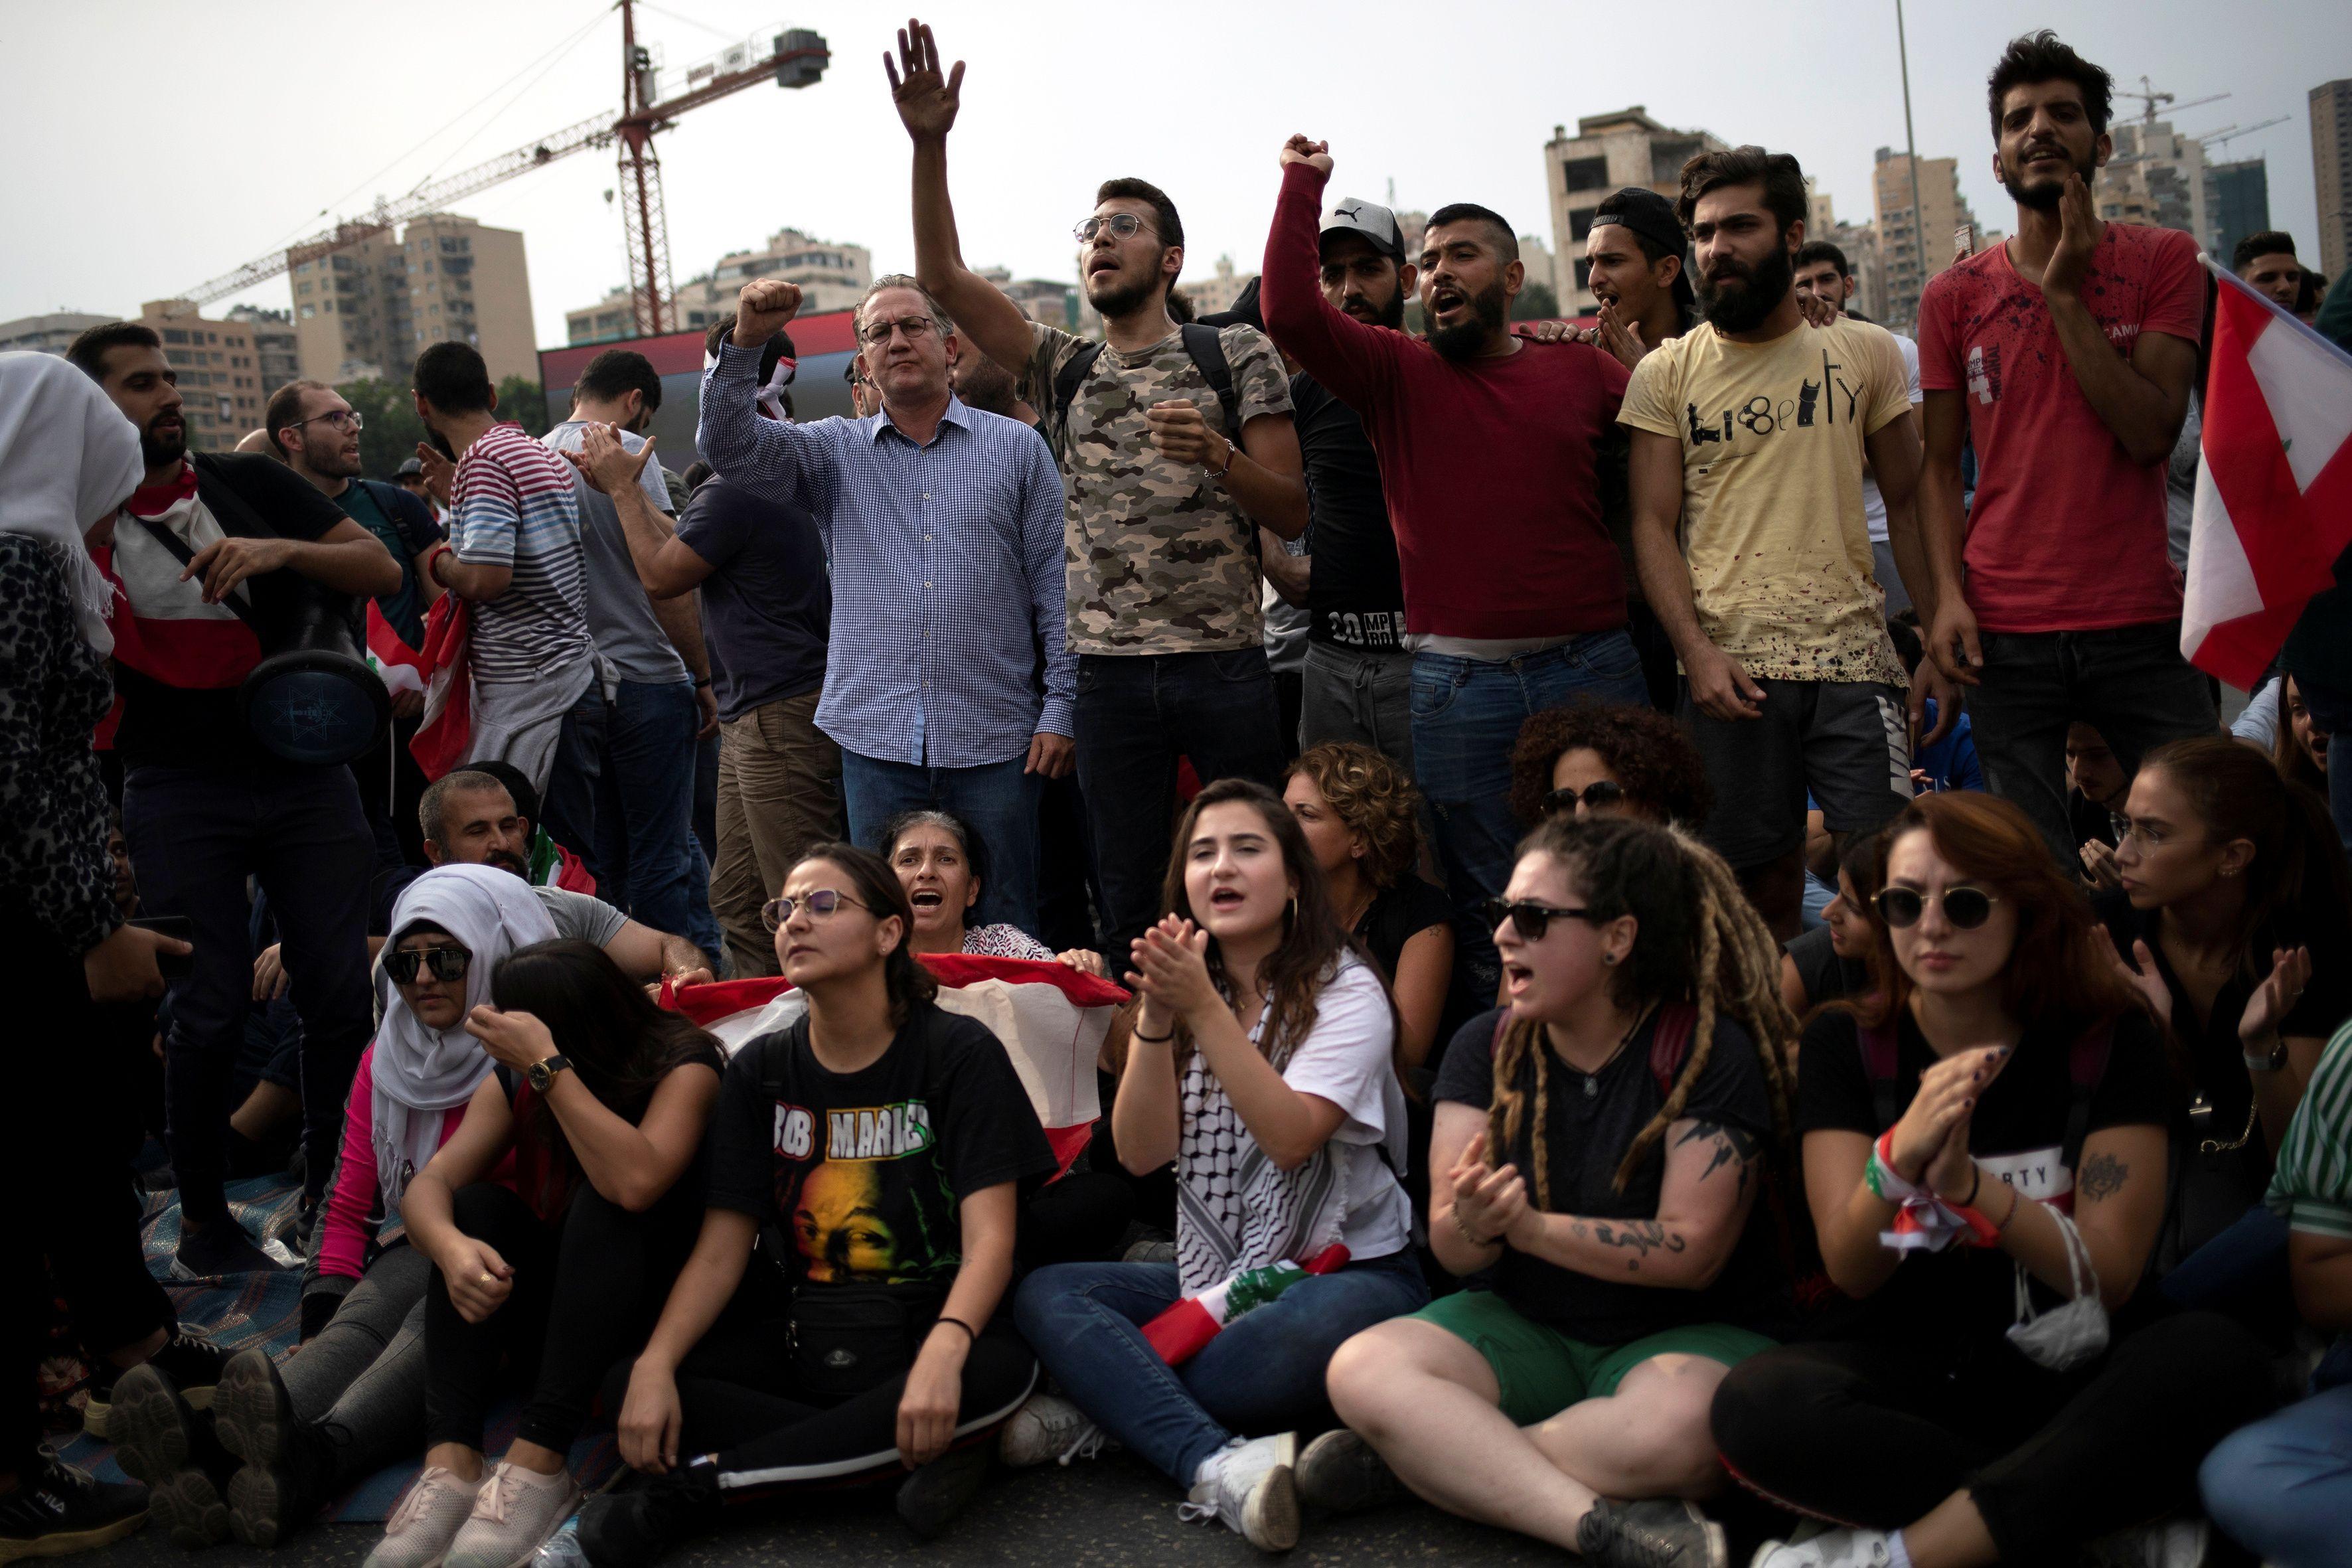 2019-10-26T143134Z_1429379172_RC1A4E2B8460_RTRMADP_3_LEBANON-PROTESTS